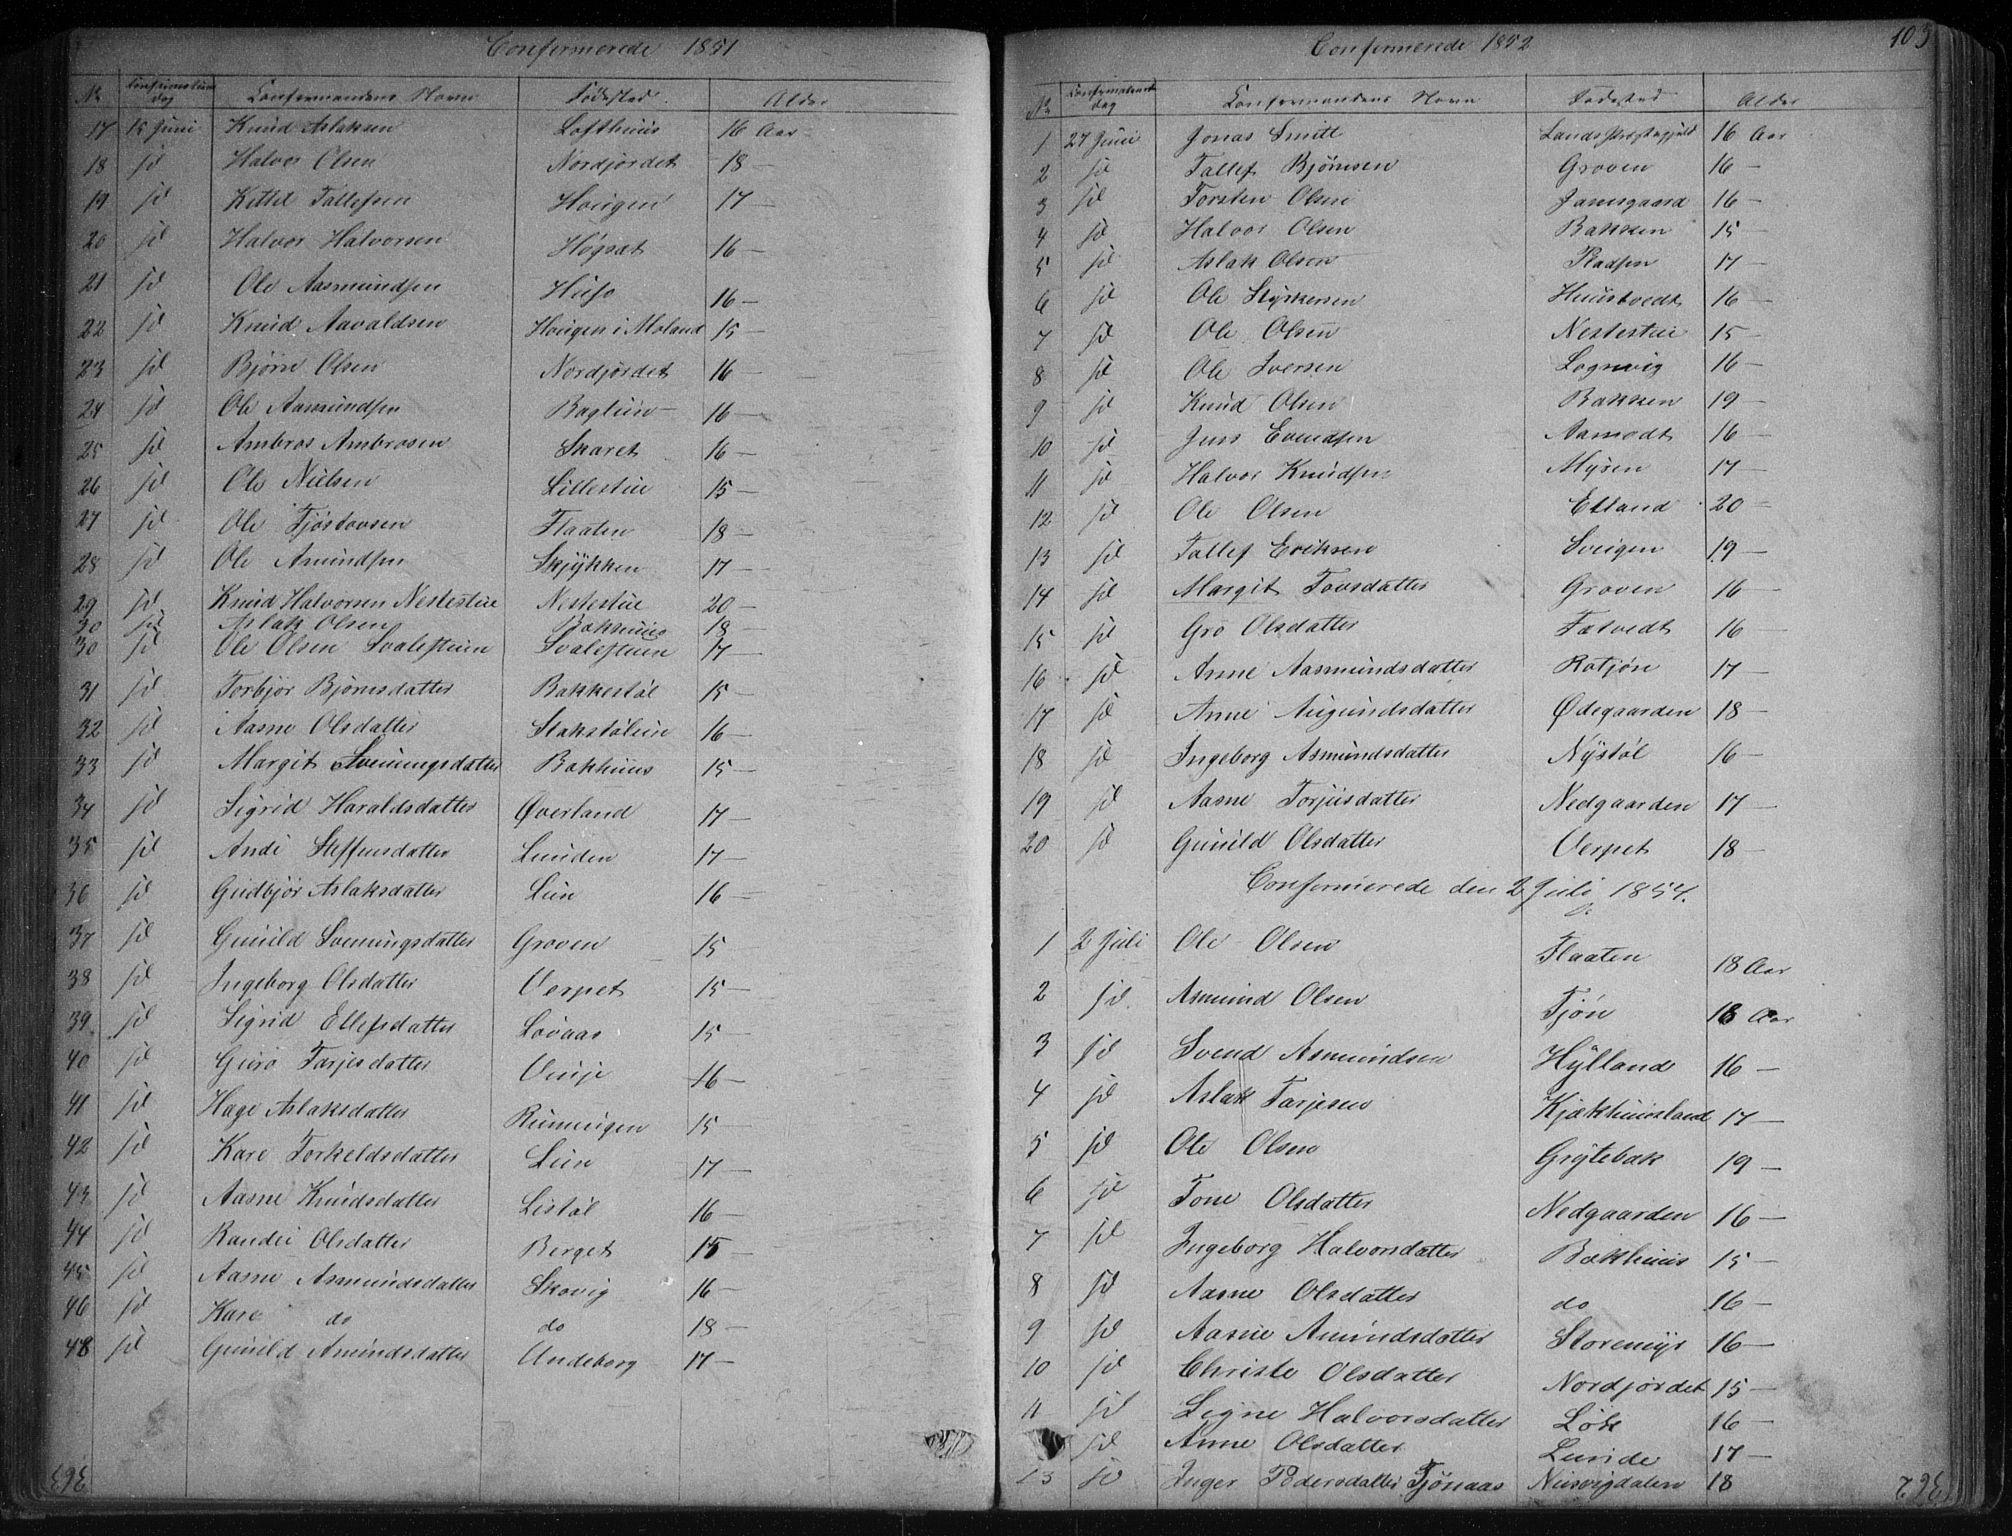 SAKO, Vinje kirkebøker, G/Ga/L0002: Klokkerbok nr. I 2, 1849-1893, s. 103